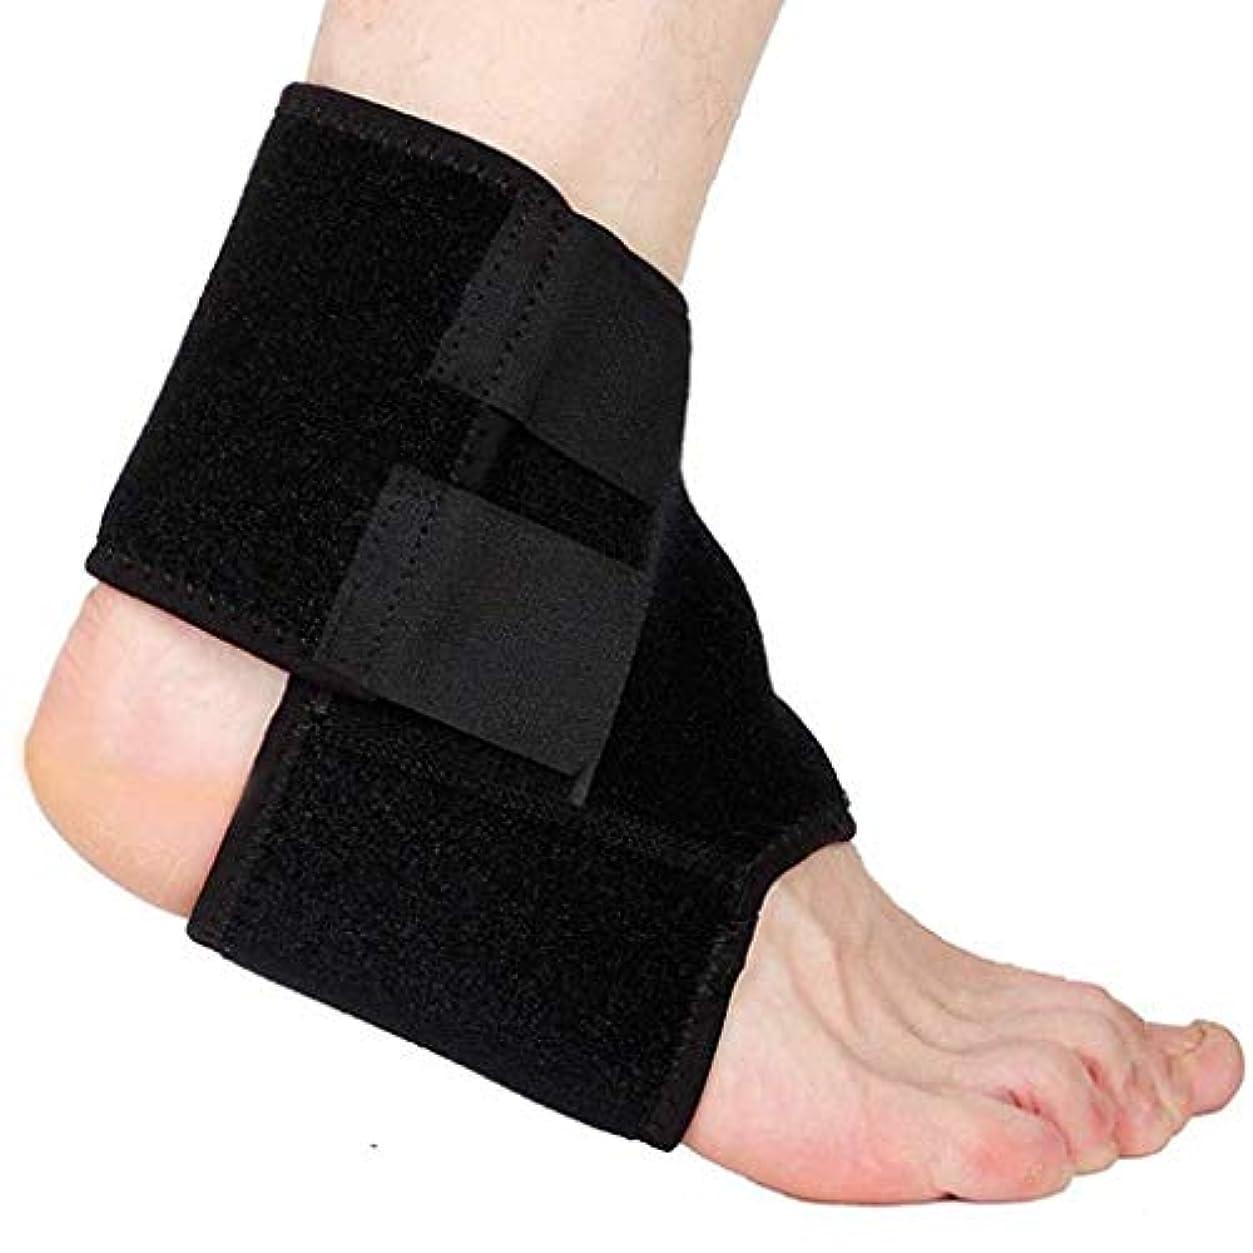 東部ピア破壊的な足首のサポート、通気性と伸縮性のあるナイロン素材を使用した1組の足首固定具、快適な足首ラップスポーツが慢性的な足首の捻Sp疲労を防ぎます